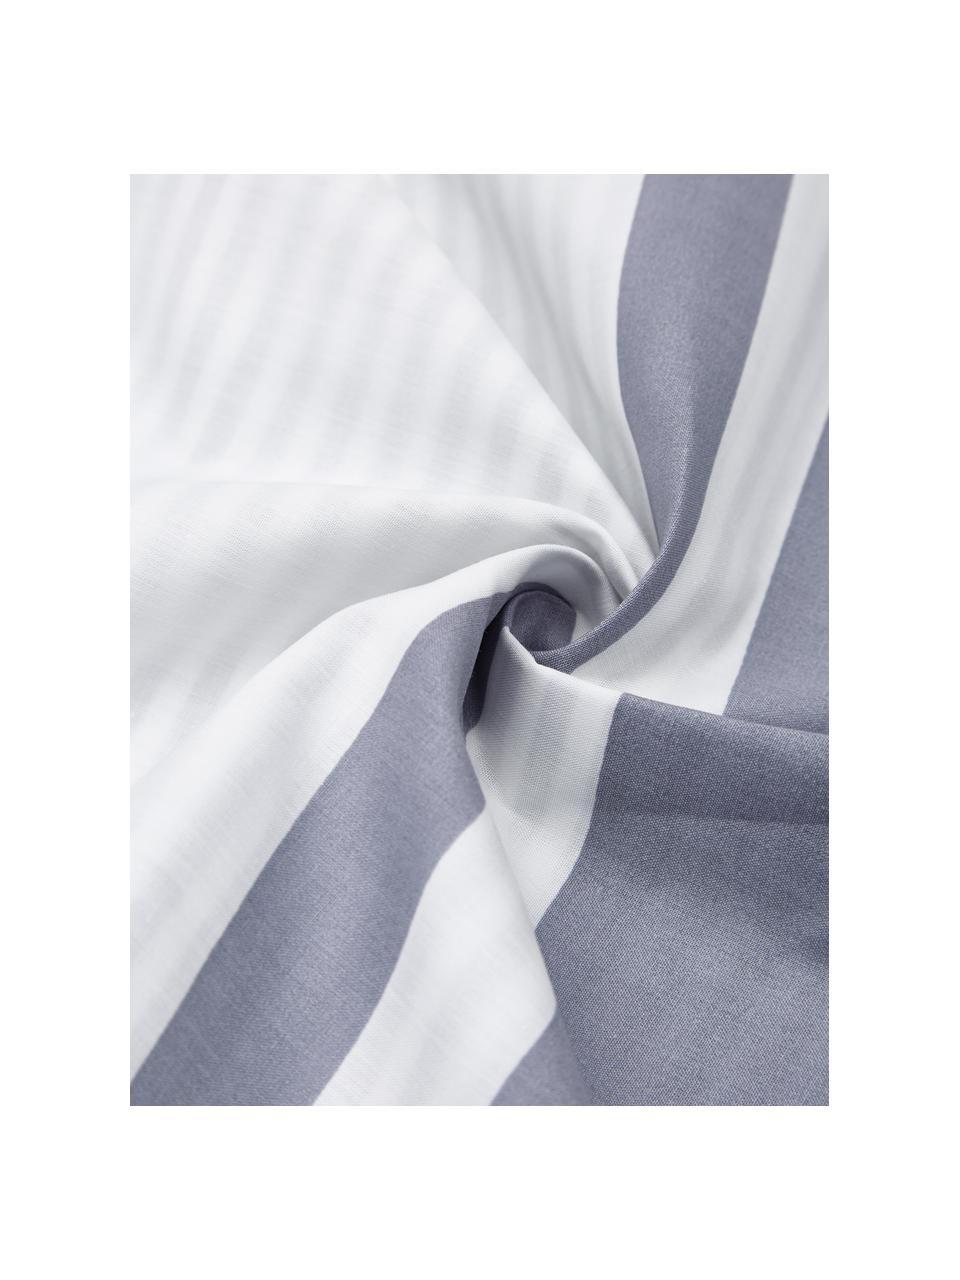 Gestreifte Perkal-Wendebettwäsche Kinsley aus gewaschener Bio-Baumwolle, Webart: Perkal Fadendichte 180 TC, Blau, Weiß, 240 x 220 cm + 2 Kissen 80 x 80 cm